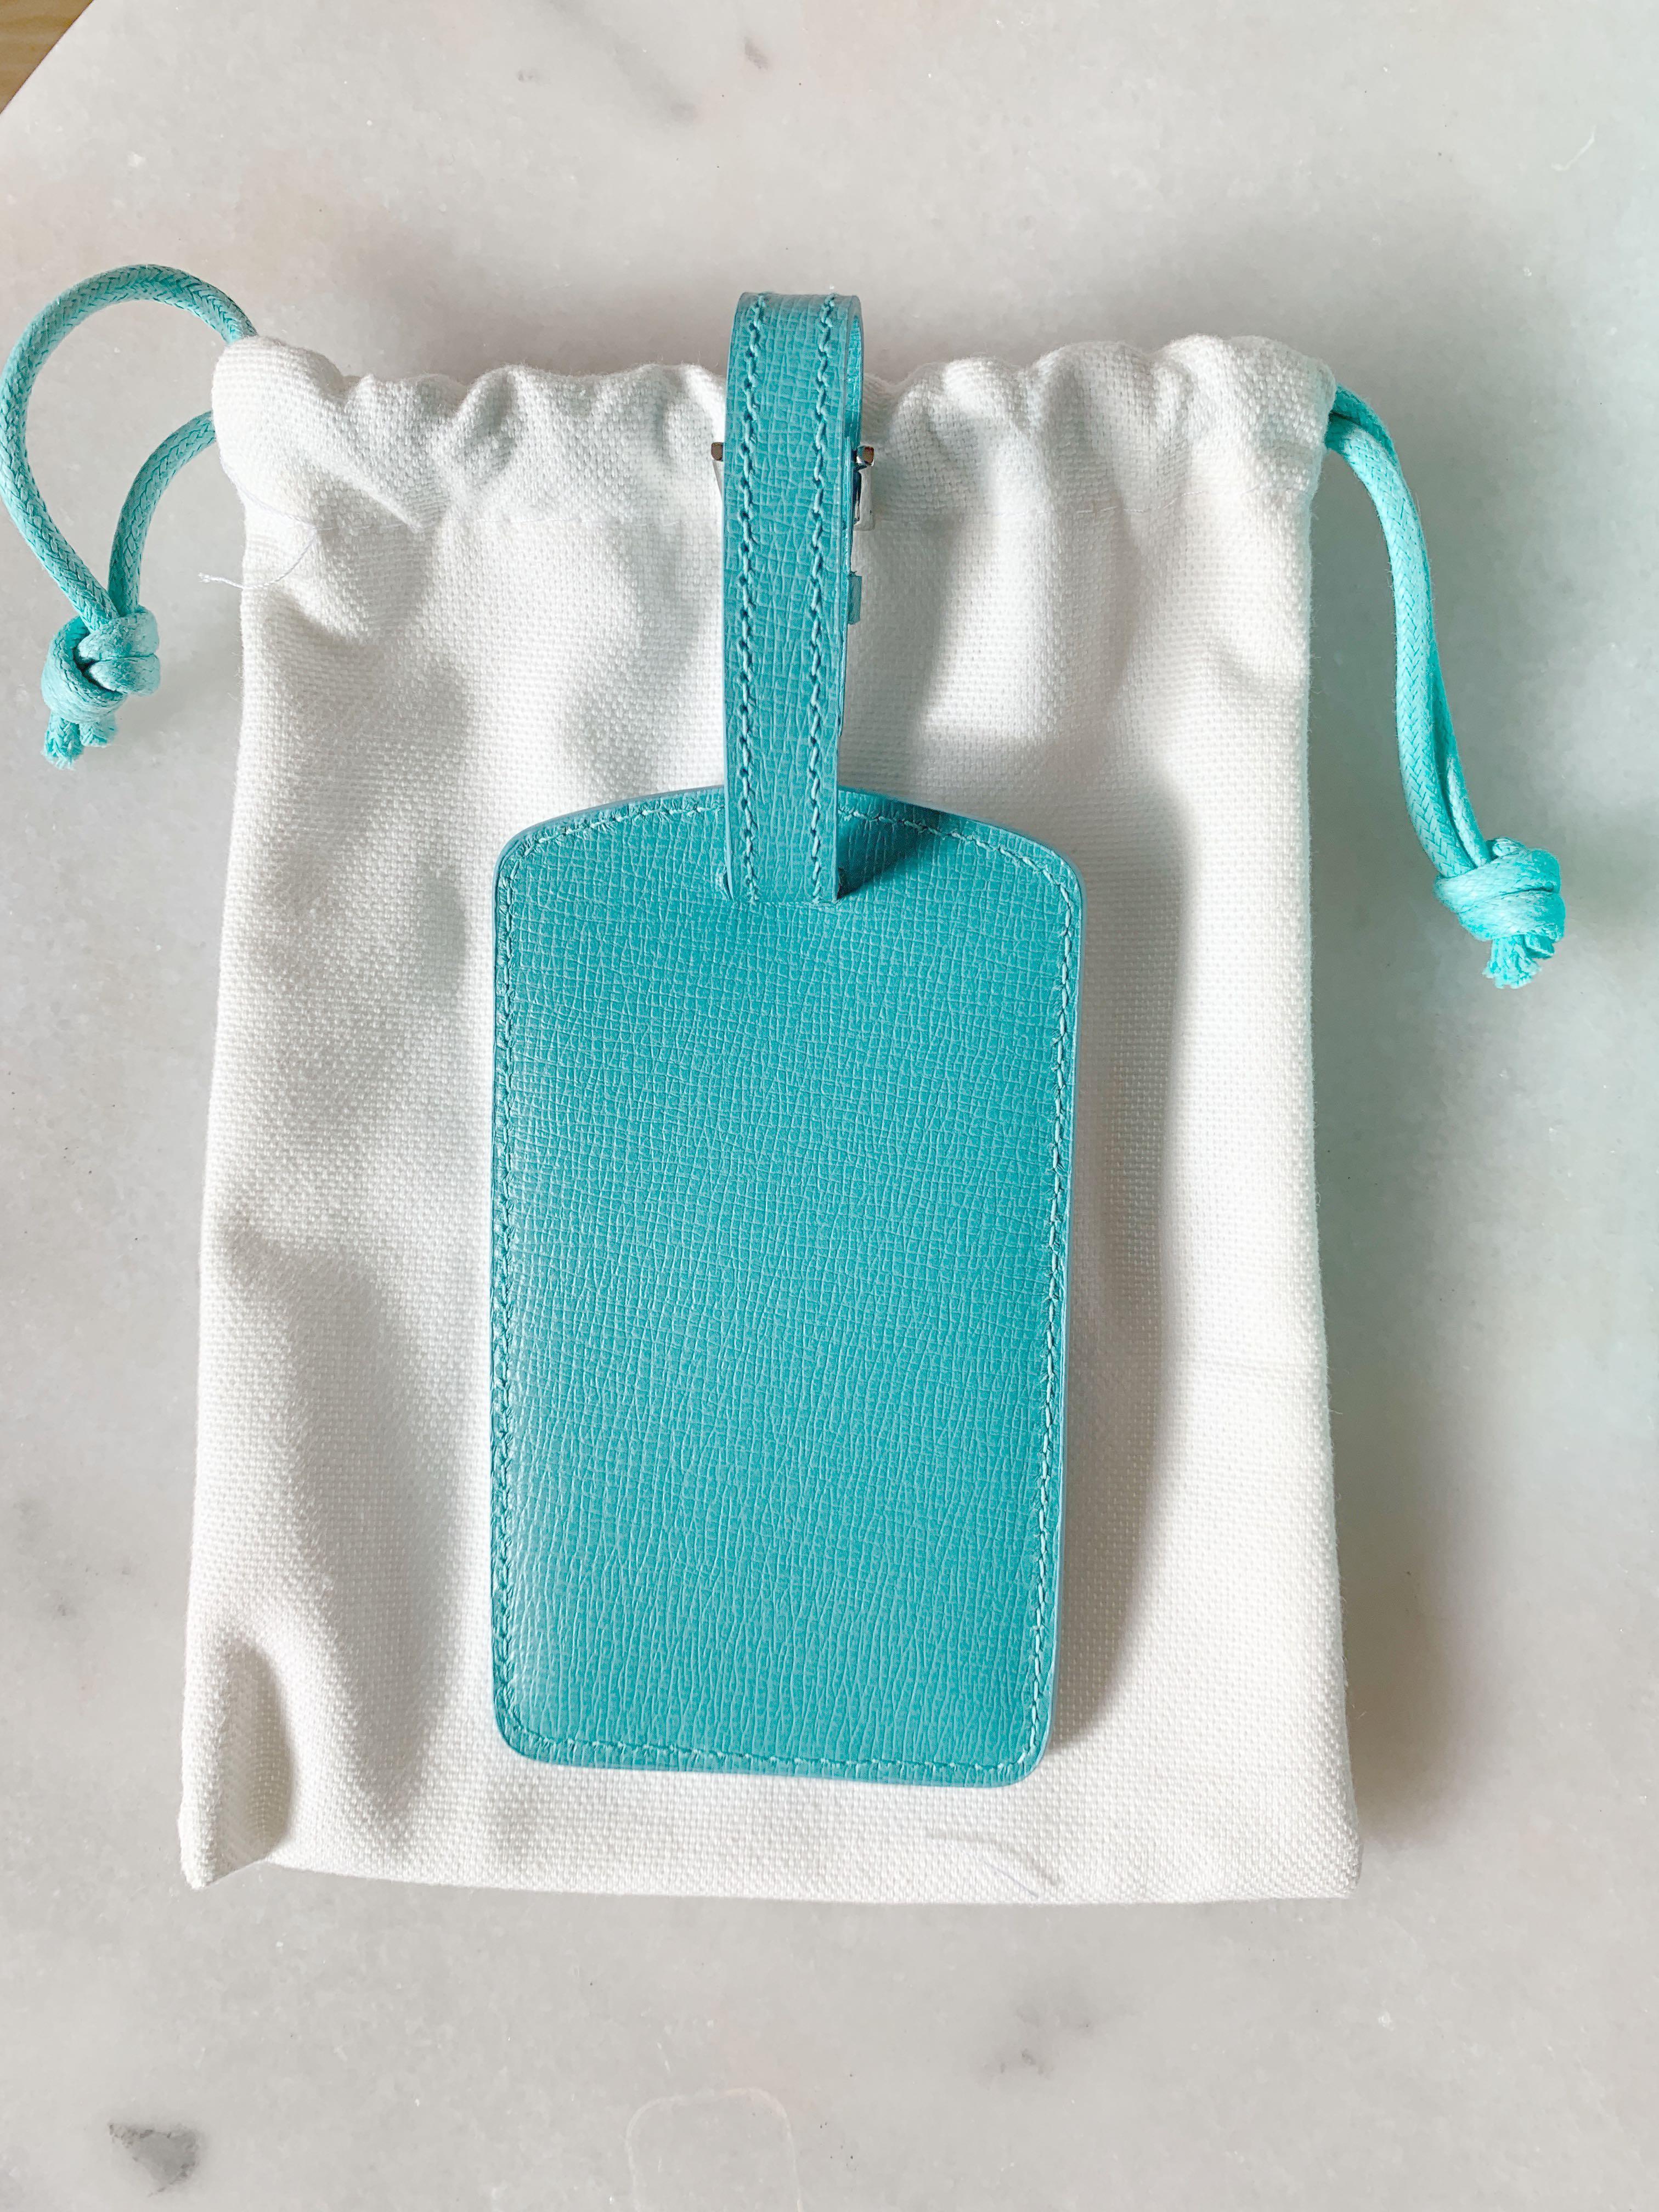 Tiffany & co luggage tag